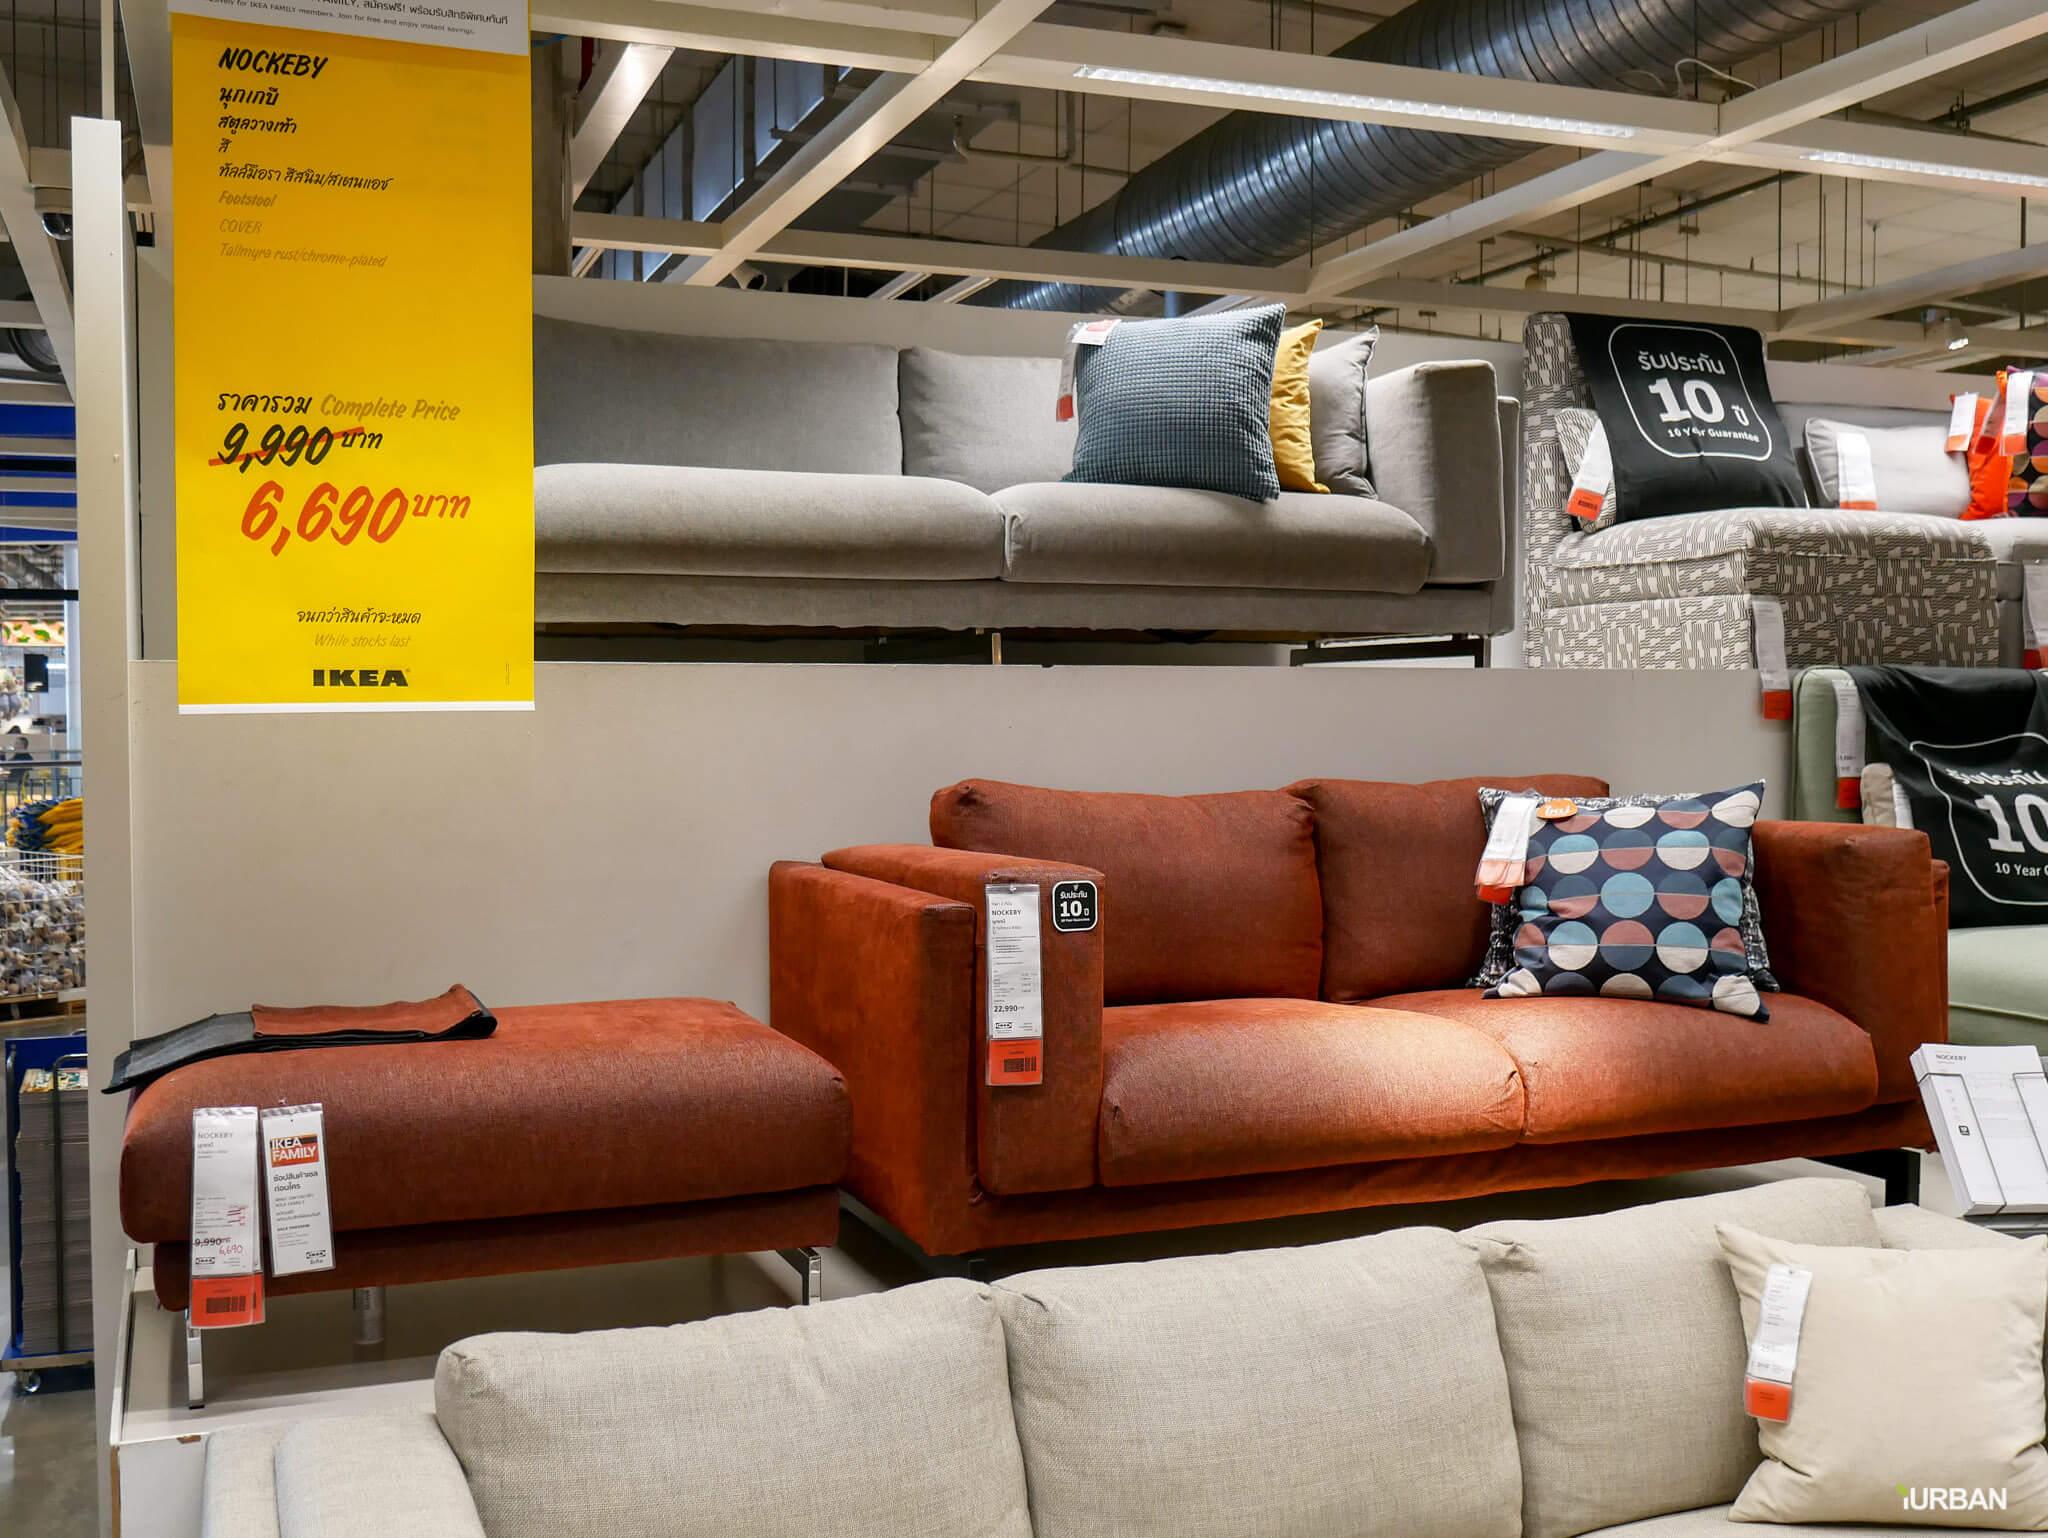 มันเยอะมากกกก!! IKEA Year End SALE 2017 รวมของเซลในอิเกีย ลดเยอะ ลดแหลก รีบพุ่งตัวไป วันนี้ - 7 มกราคม 61 16 - IKEA (อิเกีย)